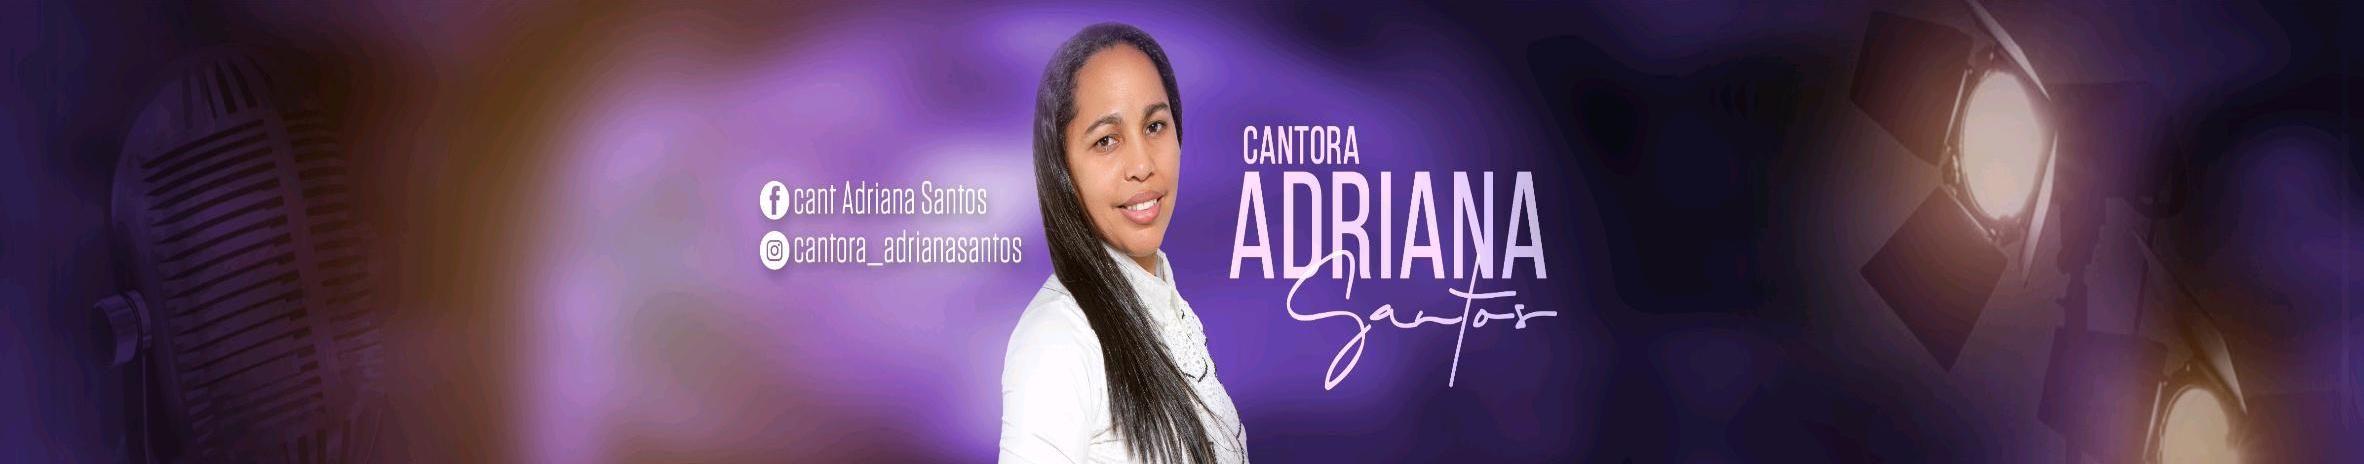 Imagem de capa de Cantora Adriana Santos